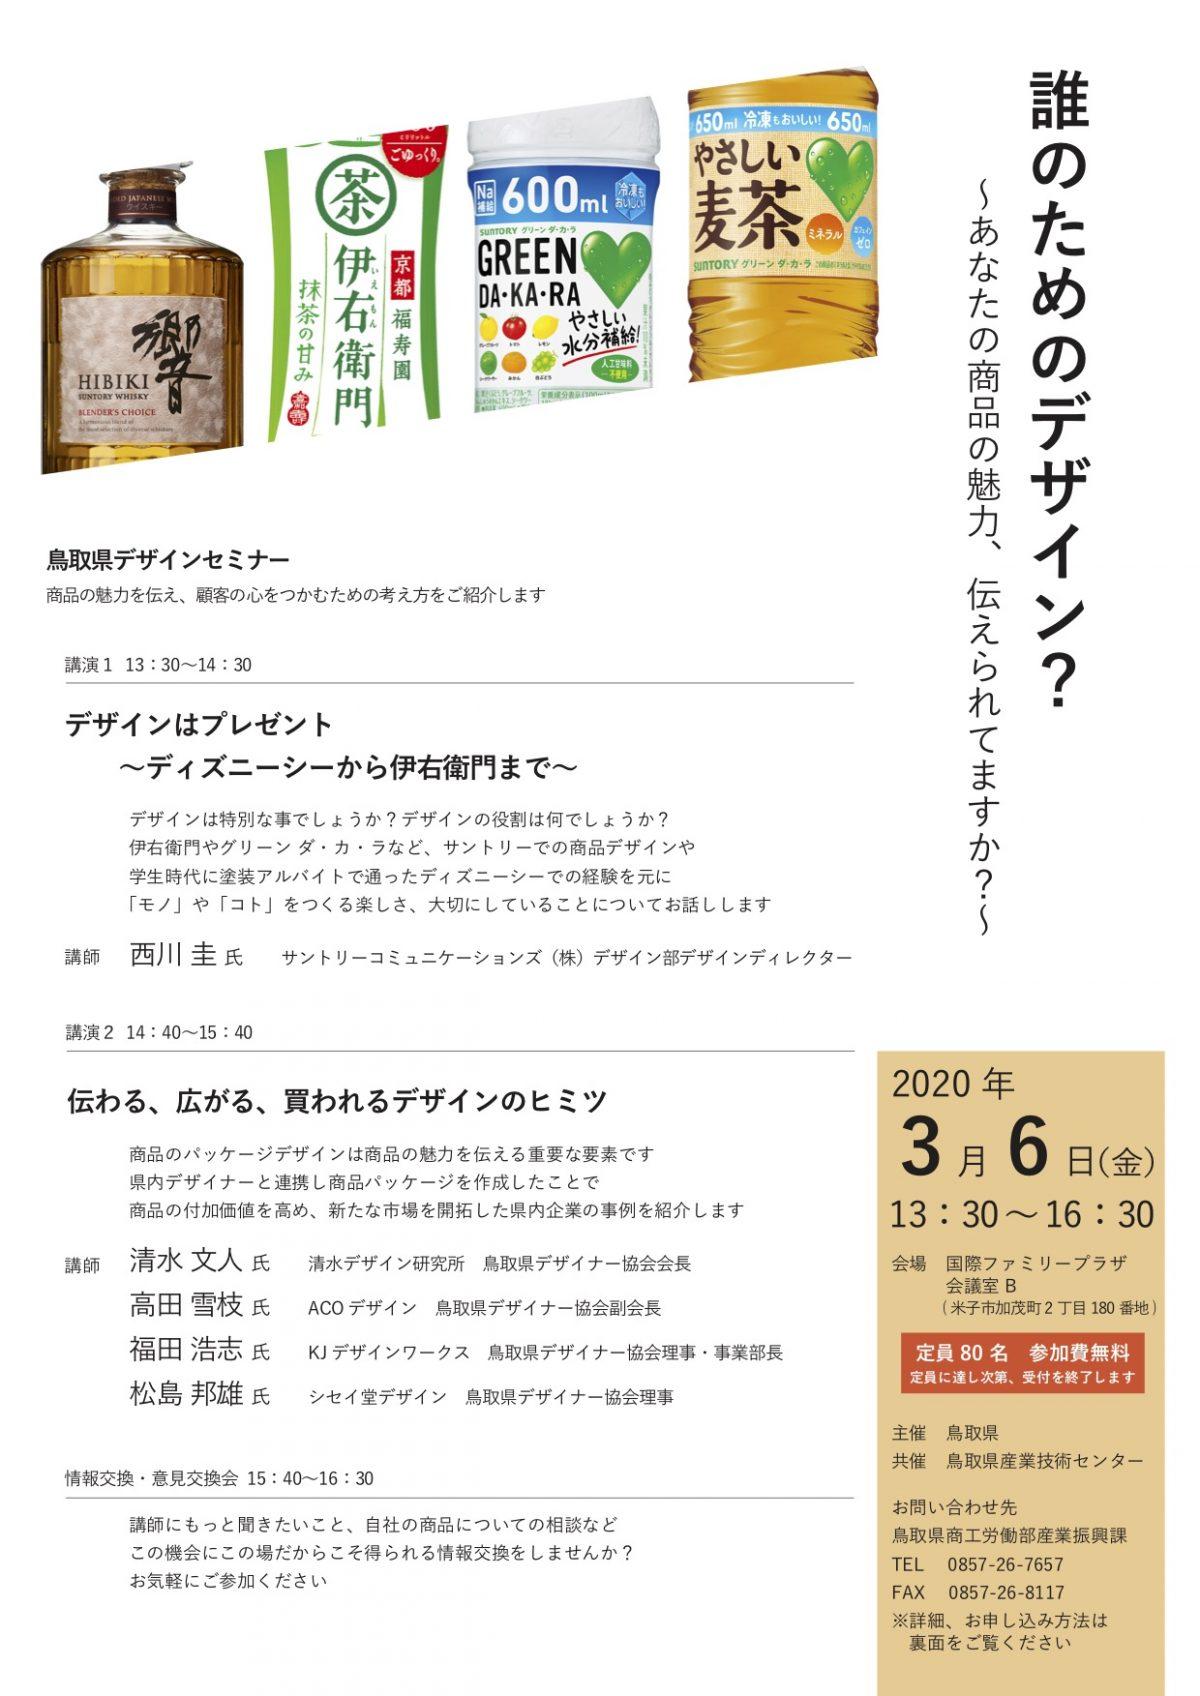 3/6(金)「鳥取県デザインセミナー」開催のお知らせ